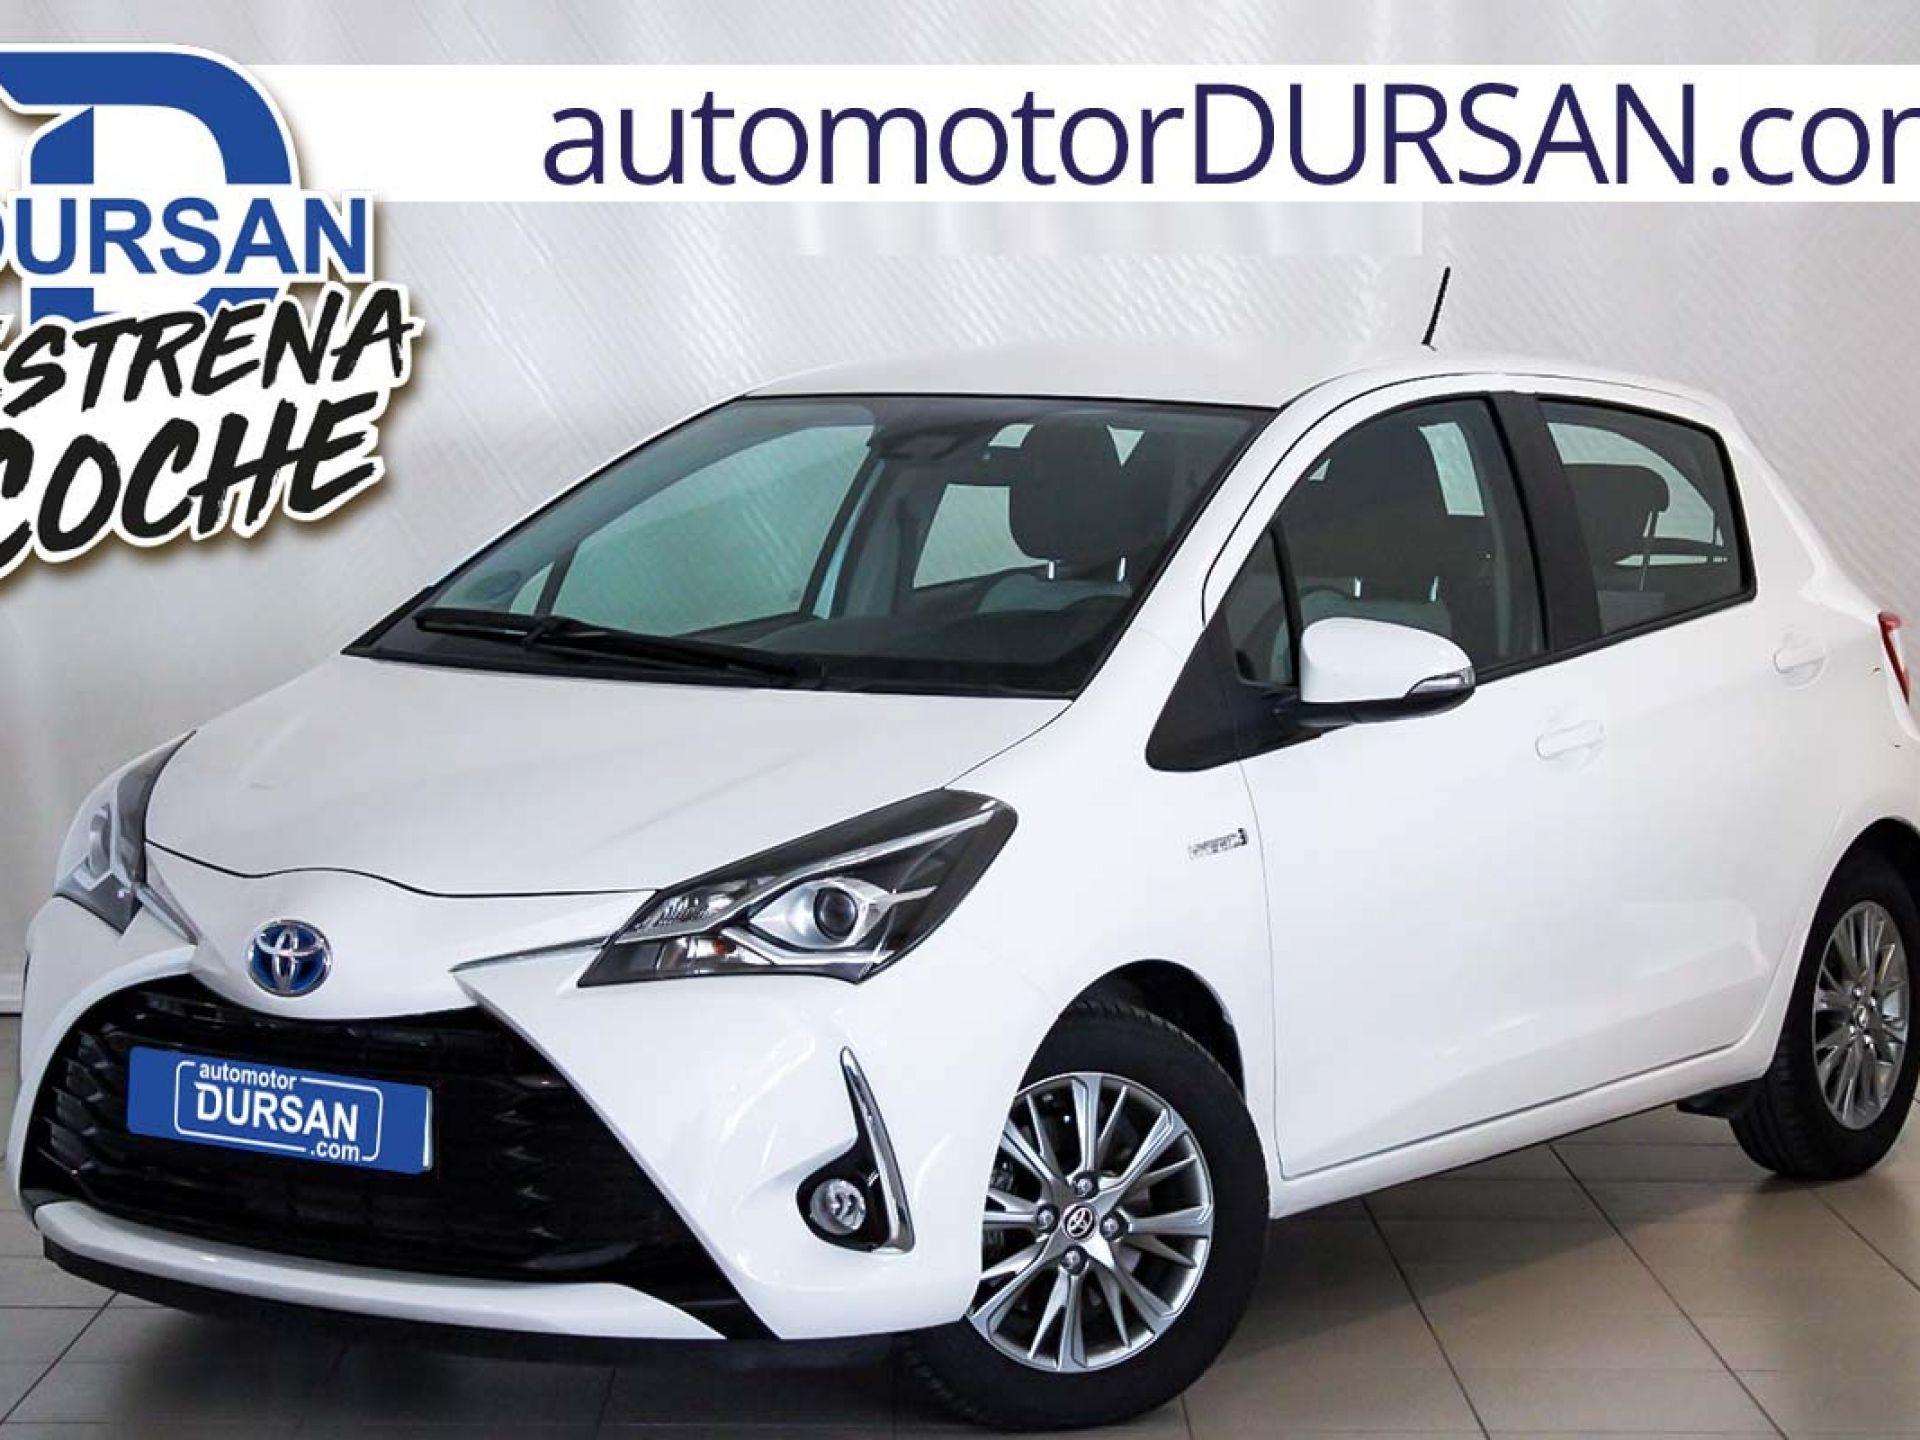 Toyota Yaris ocasión segunda mano 2017 Híbrido por 13.500€ en Madrid